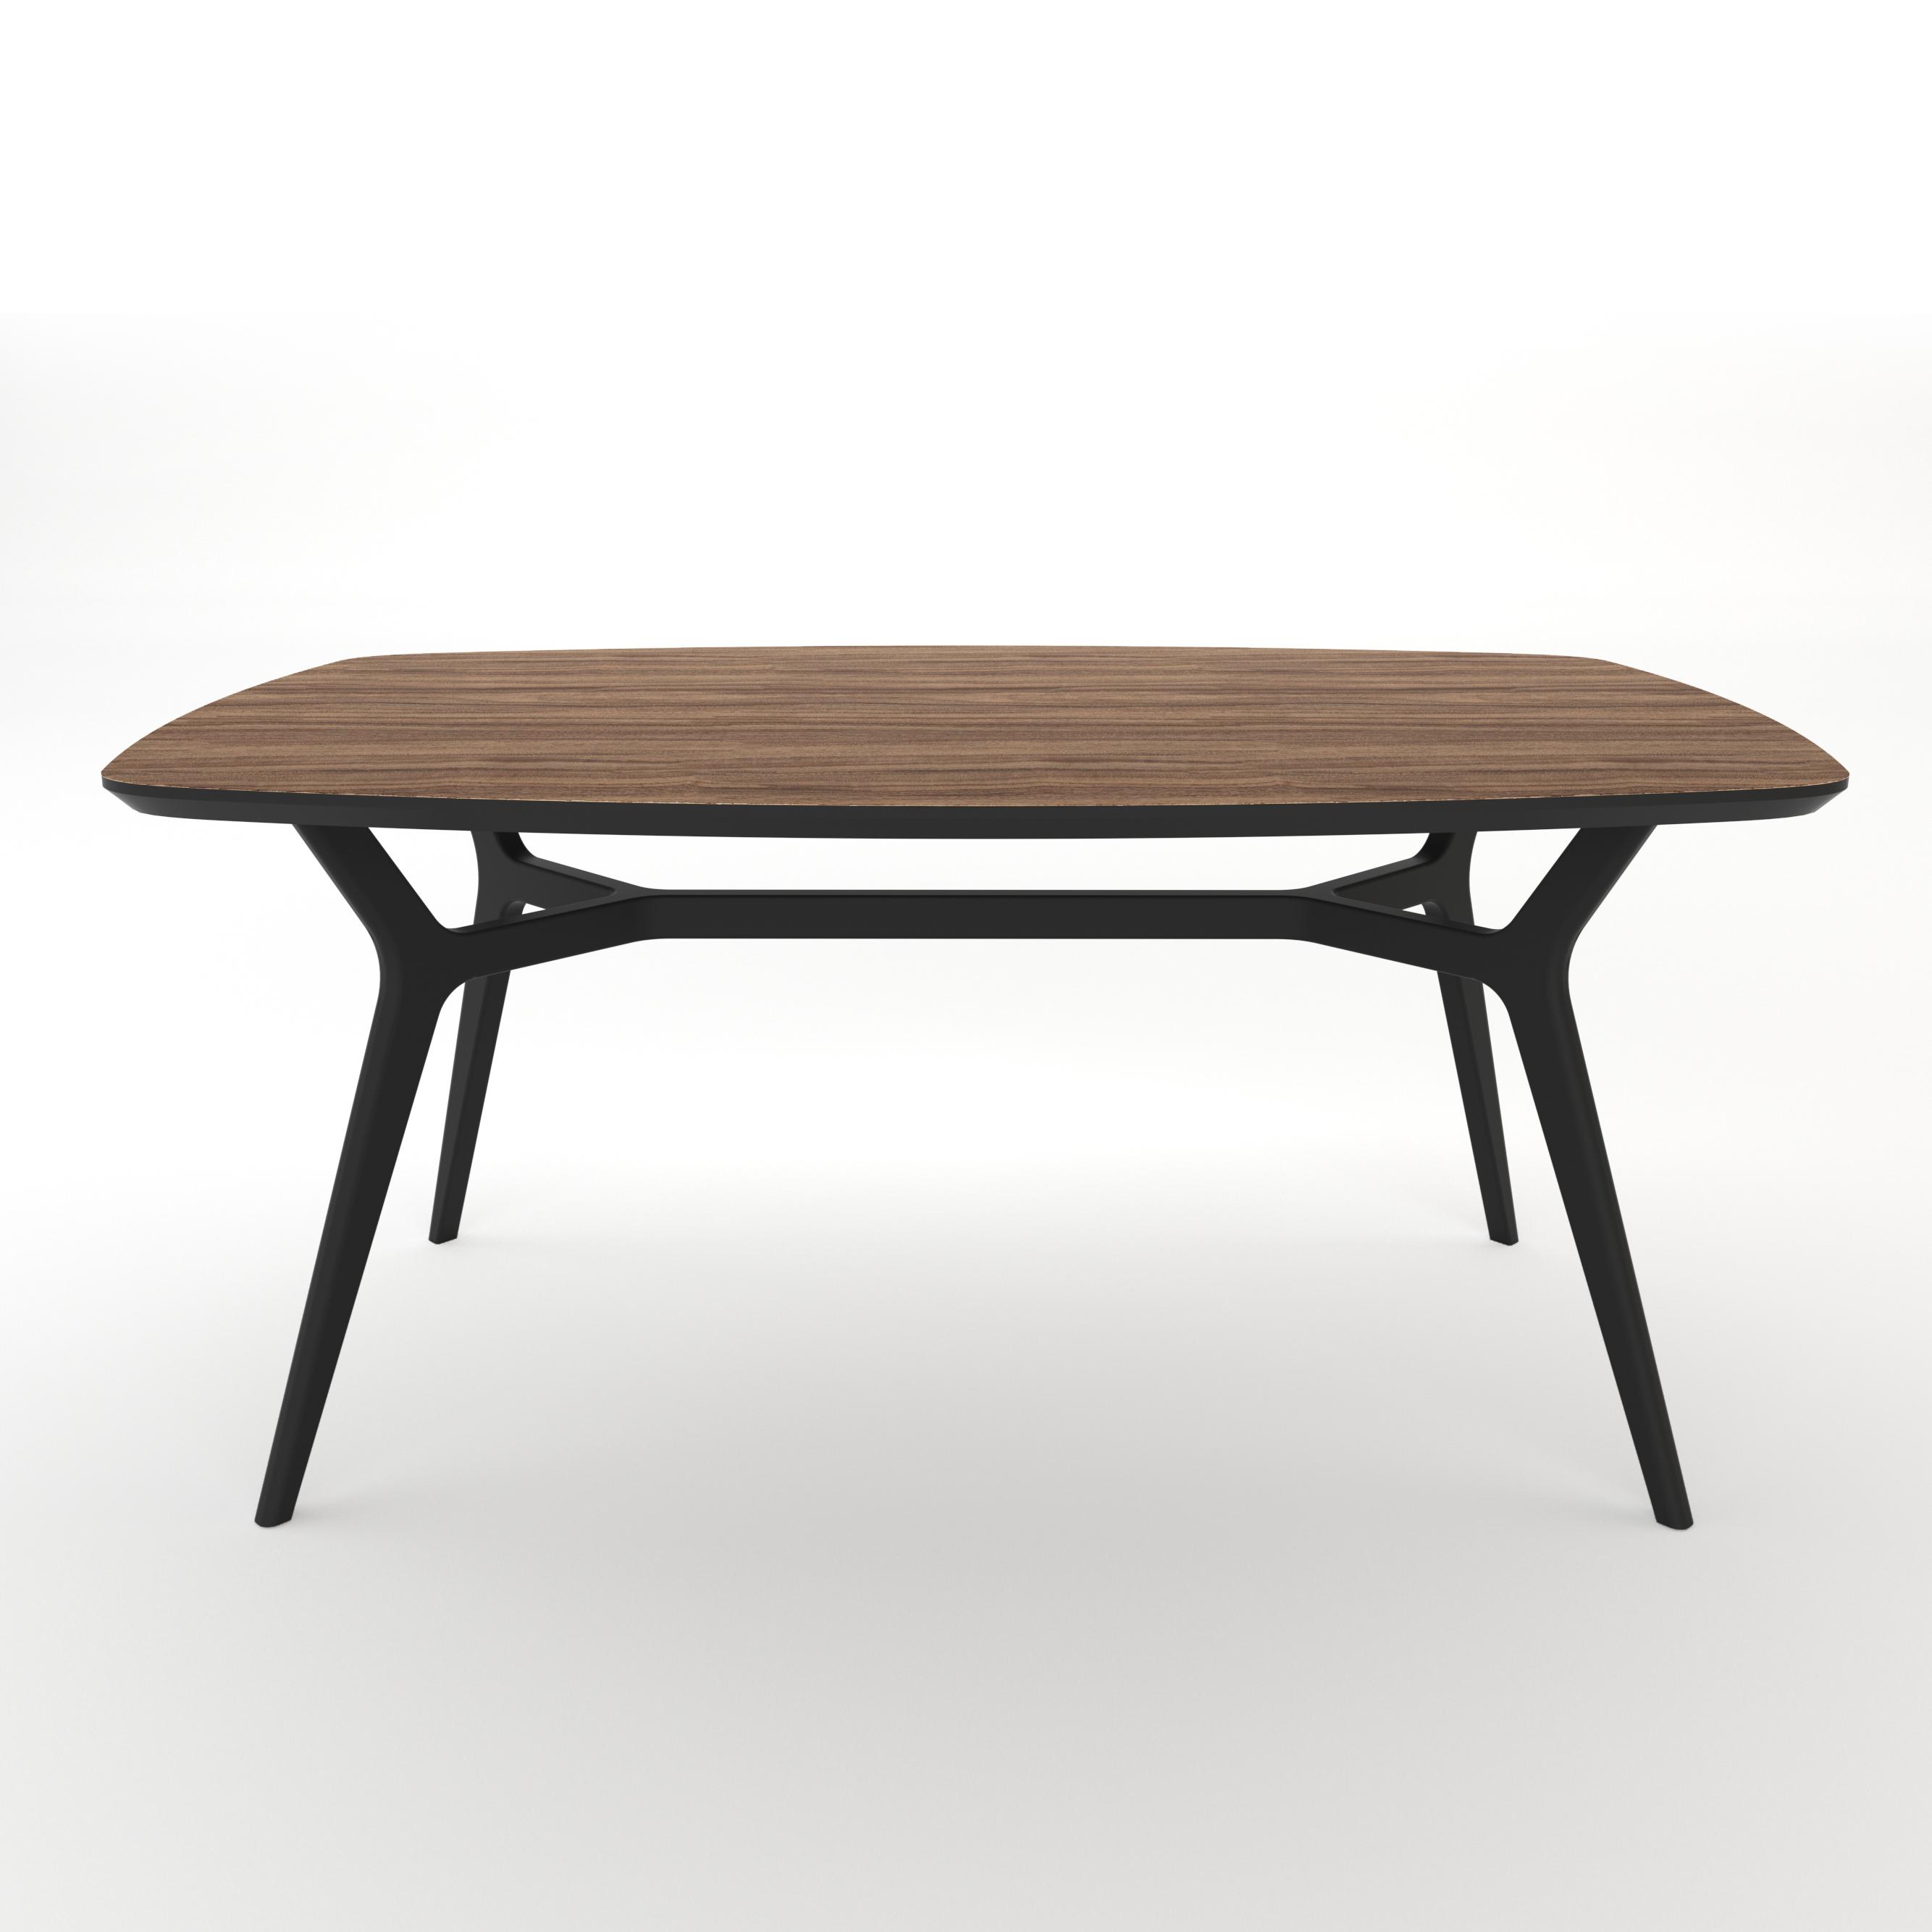 Стол JohannОбеденные столы<br>Тщательная проработка деталей и пропорций стола позволяет ему идеально вписаться в любой интерьер.&amp;amp;nbsp;&amp;lt;div&amp;gt;&amp;lt;br&amp;gt;&amp;lt;/div&amp;gt;&amp;lt;div&amp;gt;Отделка столешницы шпоном ореха, подстолье выкрашено в  цвет графит. Сборка не требуется. &amp;lt;/div&amp;gt;<br><br>Material: МДФ<br>Width см: 160<br>Depth см: 80<br>Height см: 75